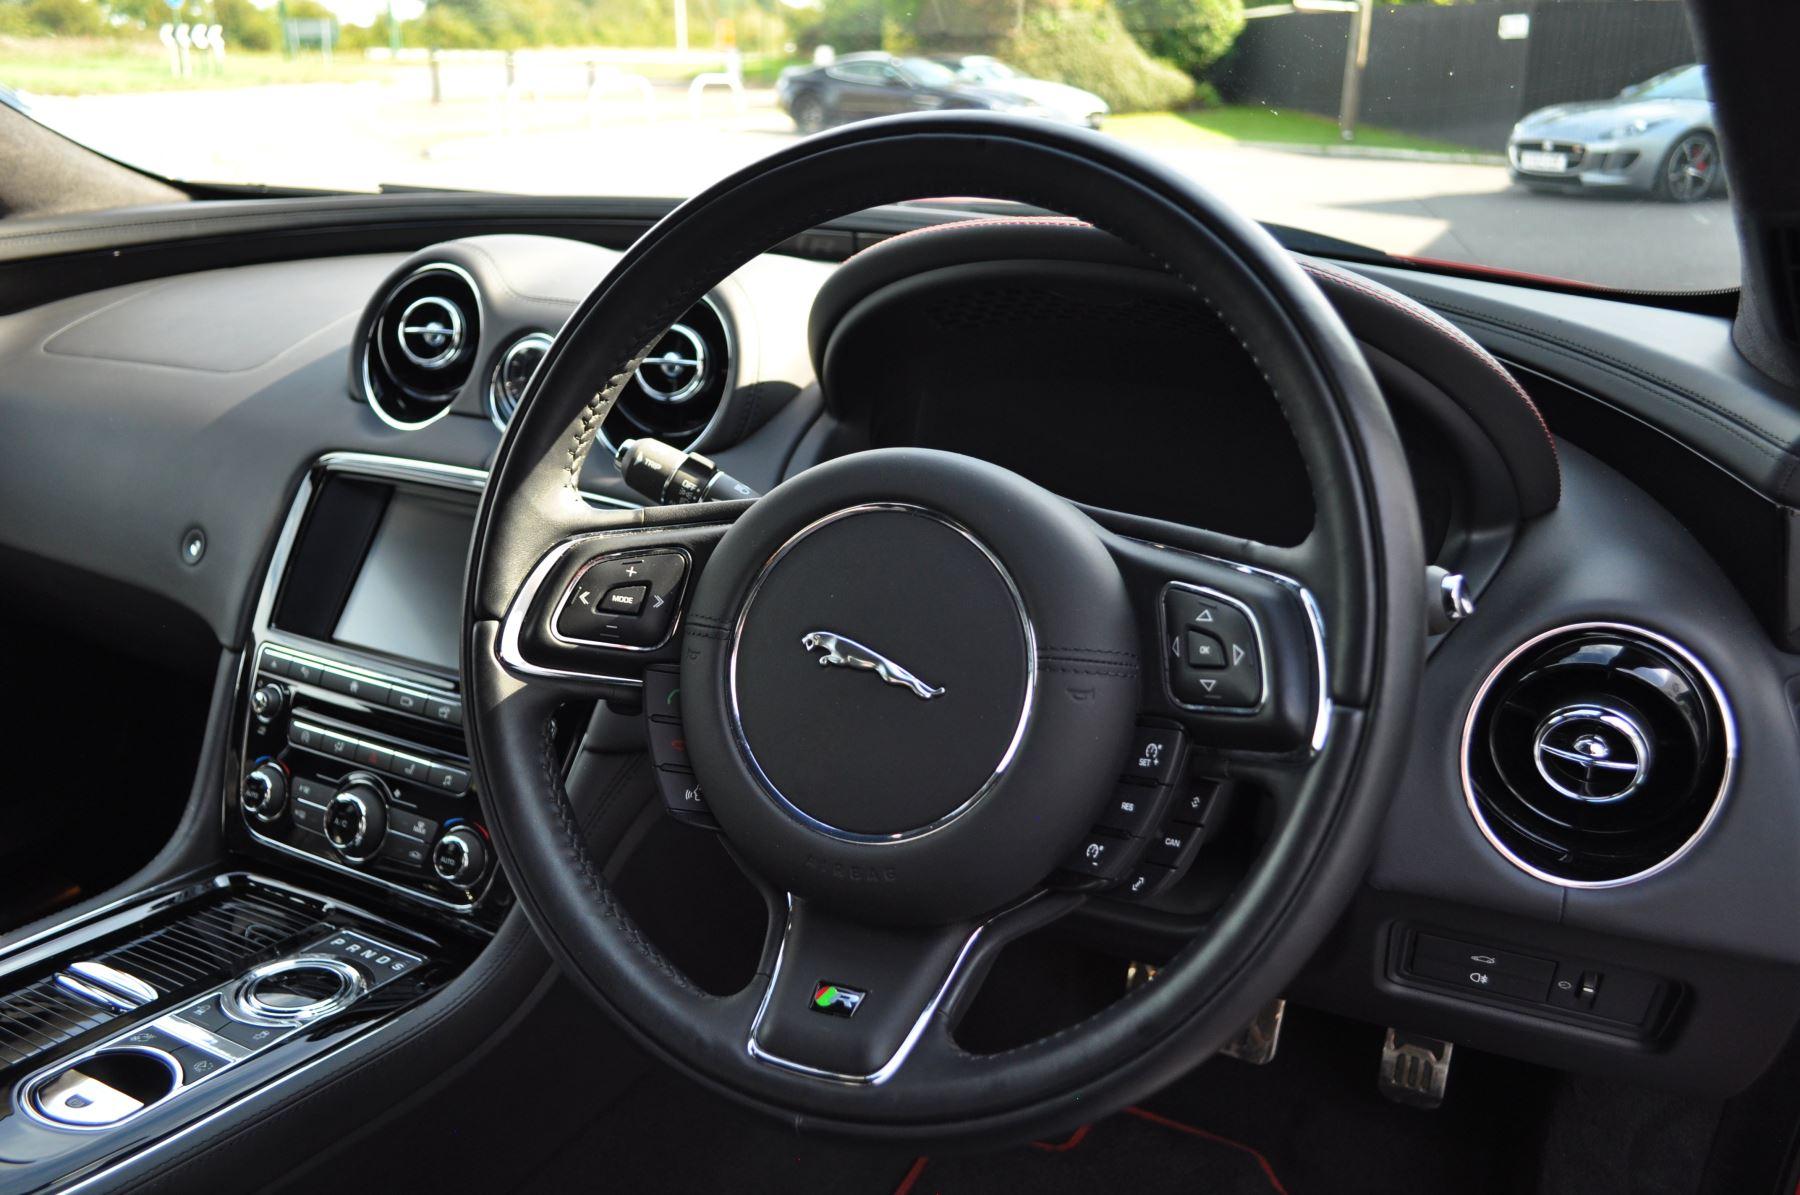 Jaguar XJ 5.0 V8 Supercharged XJR image 23